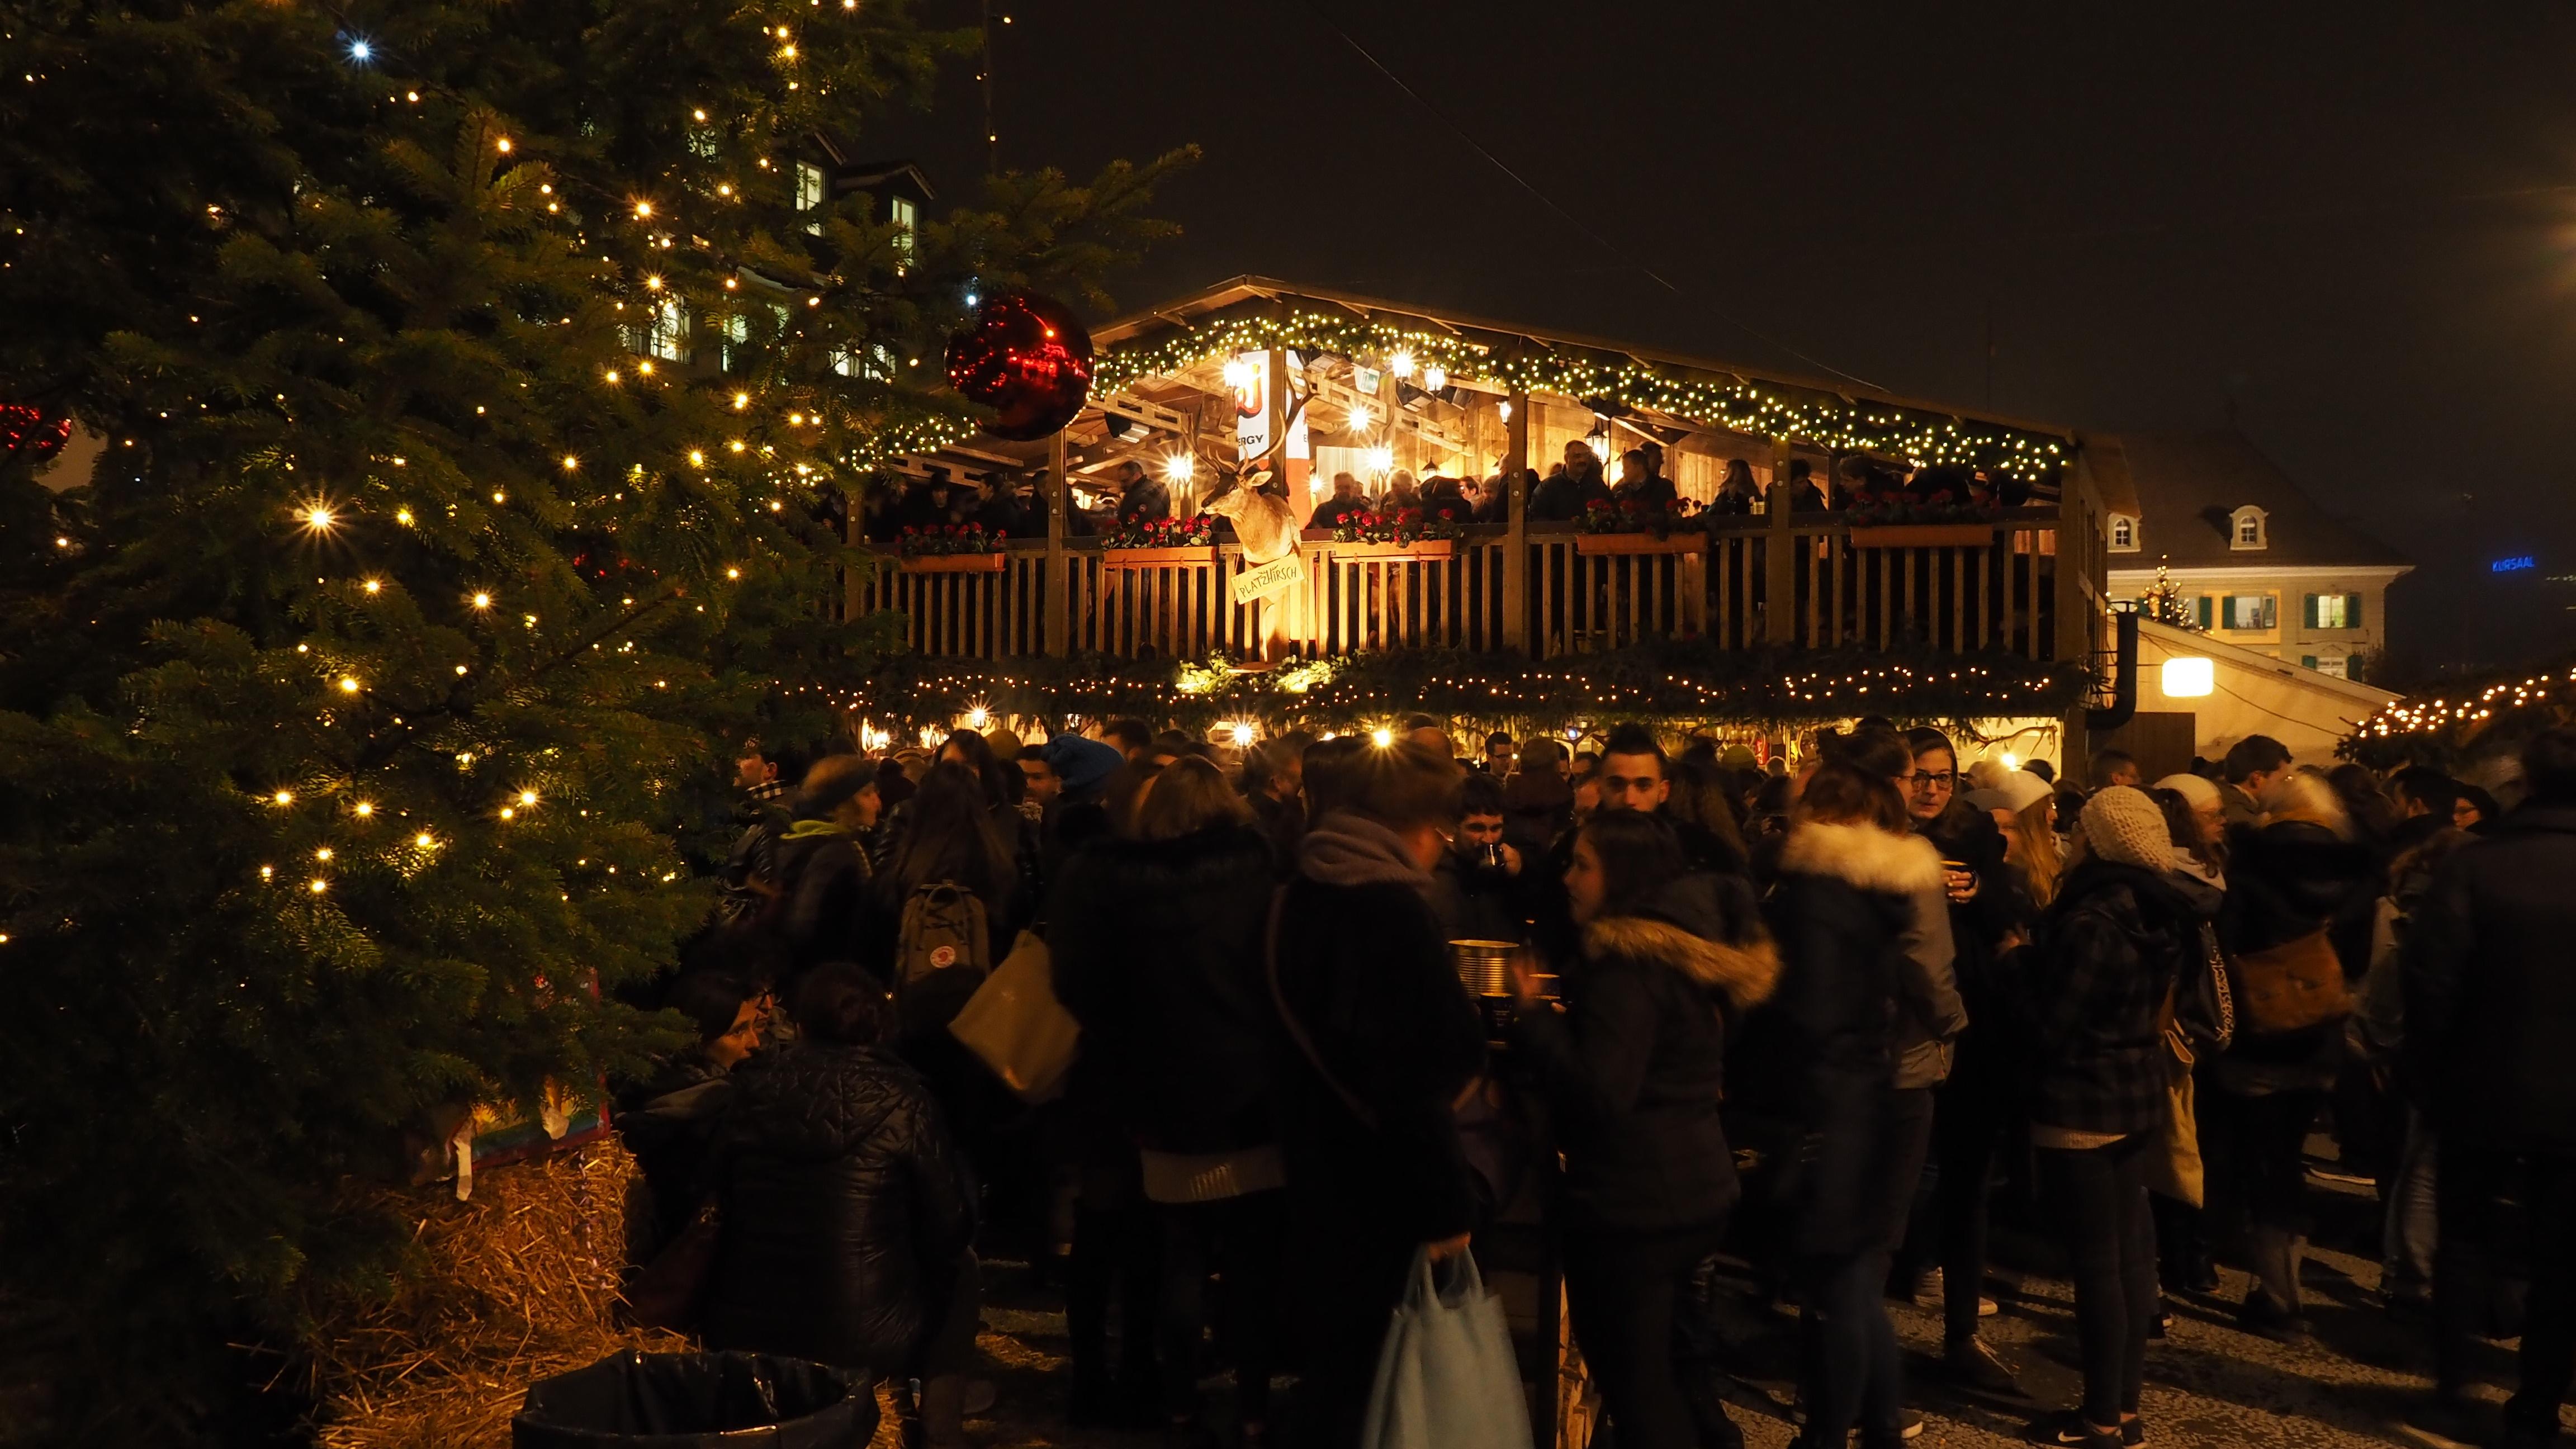 Das Weihnachtsmarkt.Weihnachtsmarkt Waisenhausplatz Bern Bern Welcome